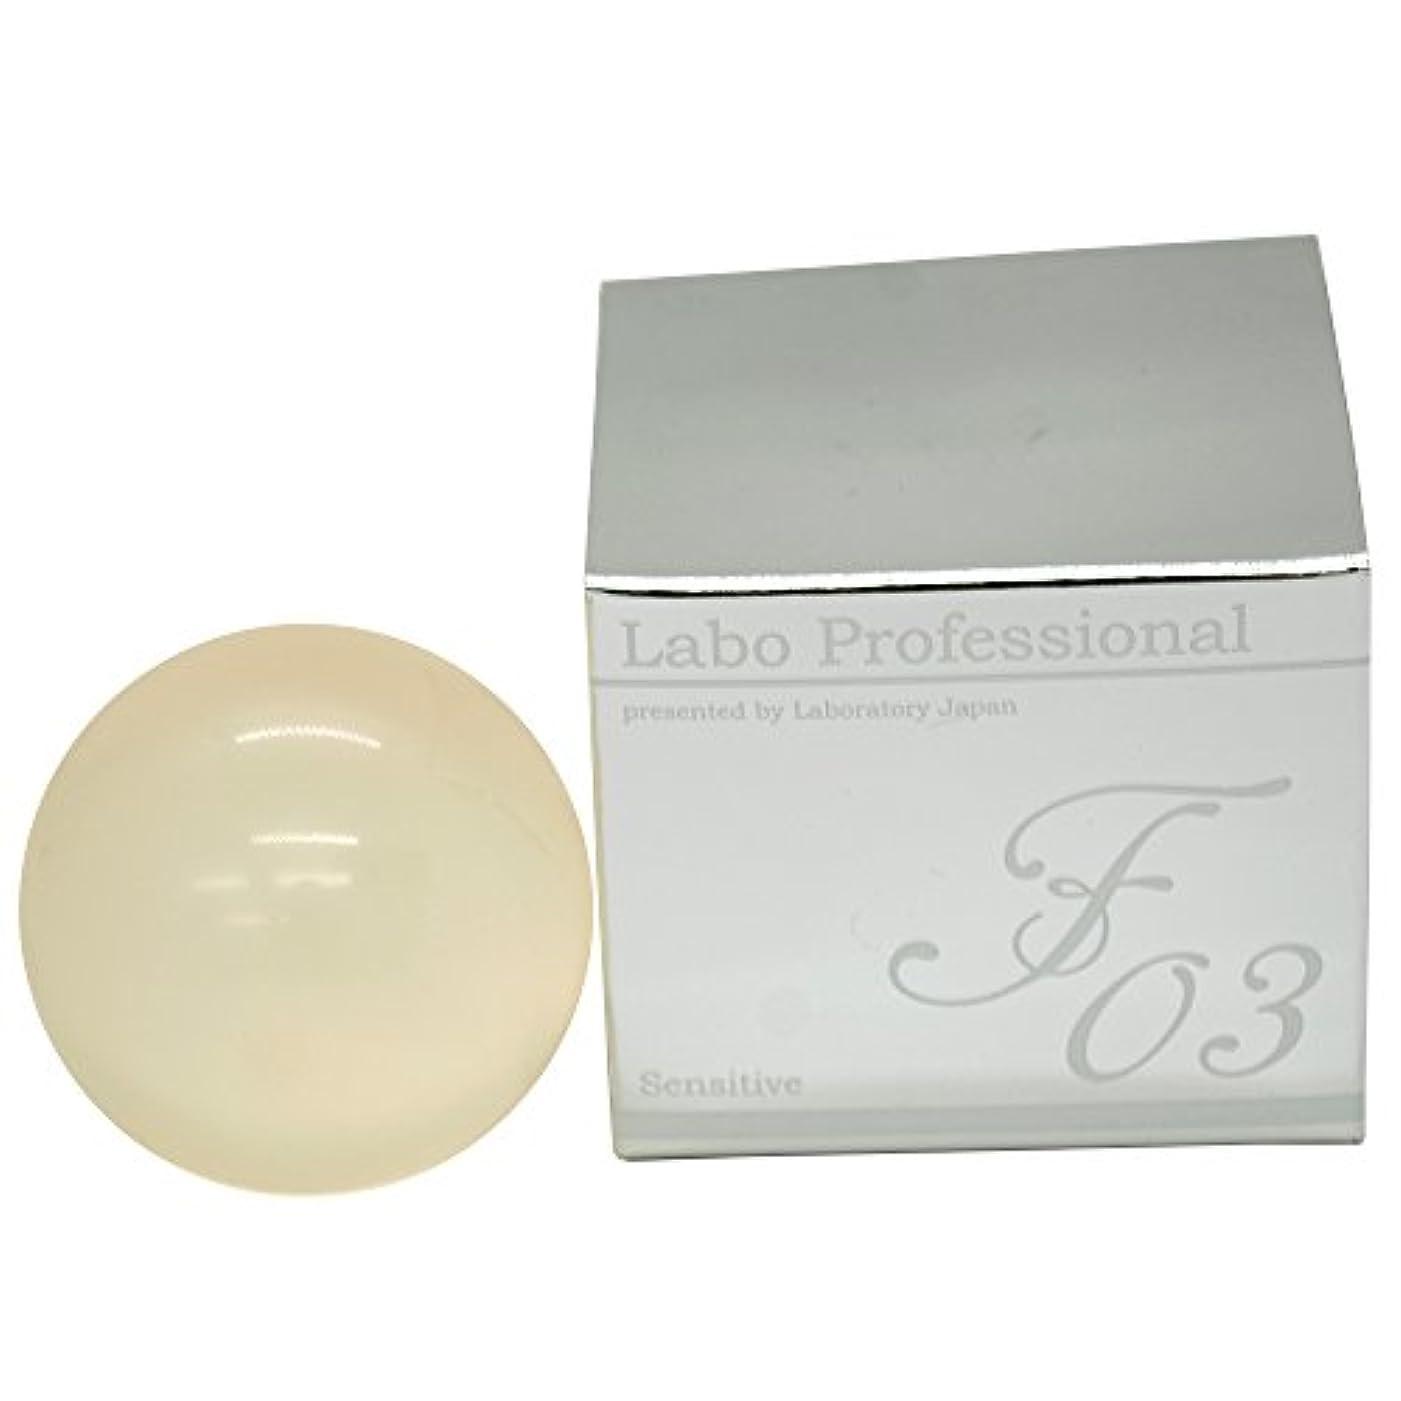 シニス呼吸エンドテーブル日本製【真性フコイダン配合】赤ちゃんから使える 敏感肌向け美容石鹸|Labo Professional F03